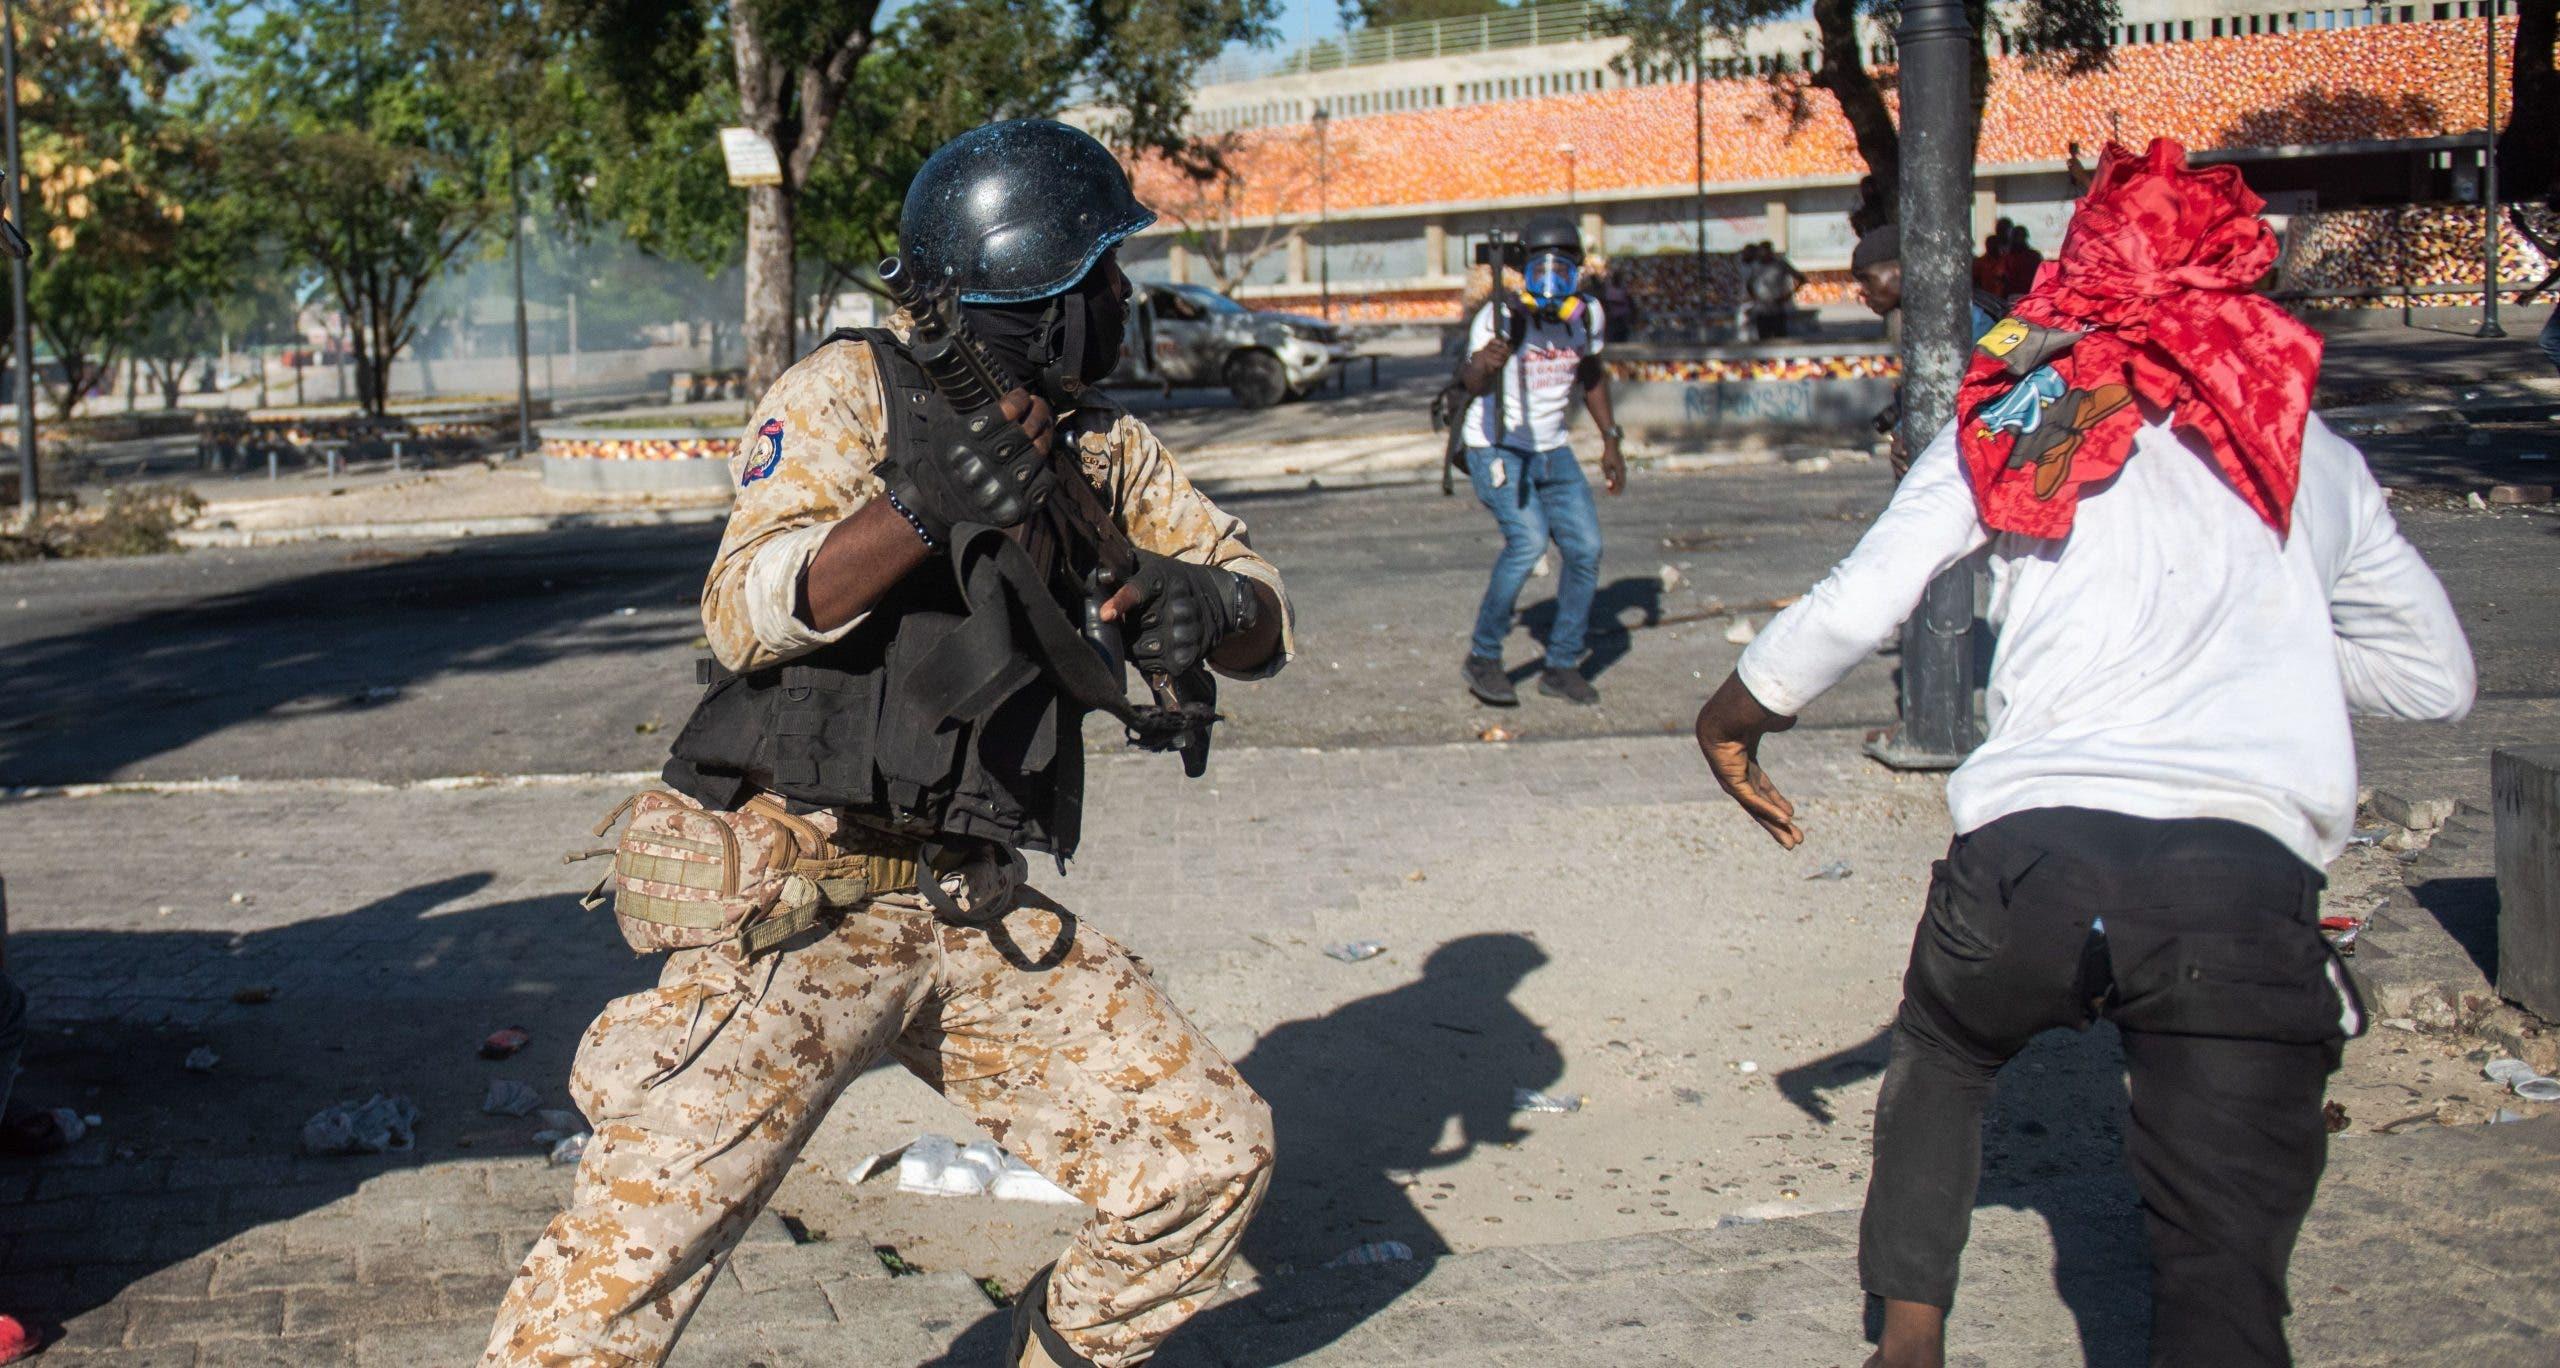 El Senado de Haití condena las intentonas golpistas y la represión policial